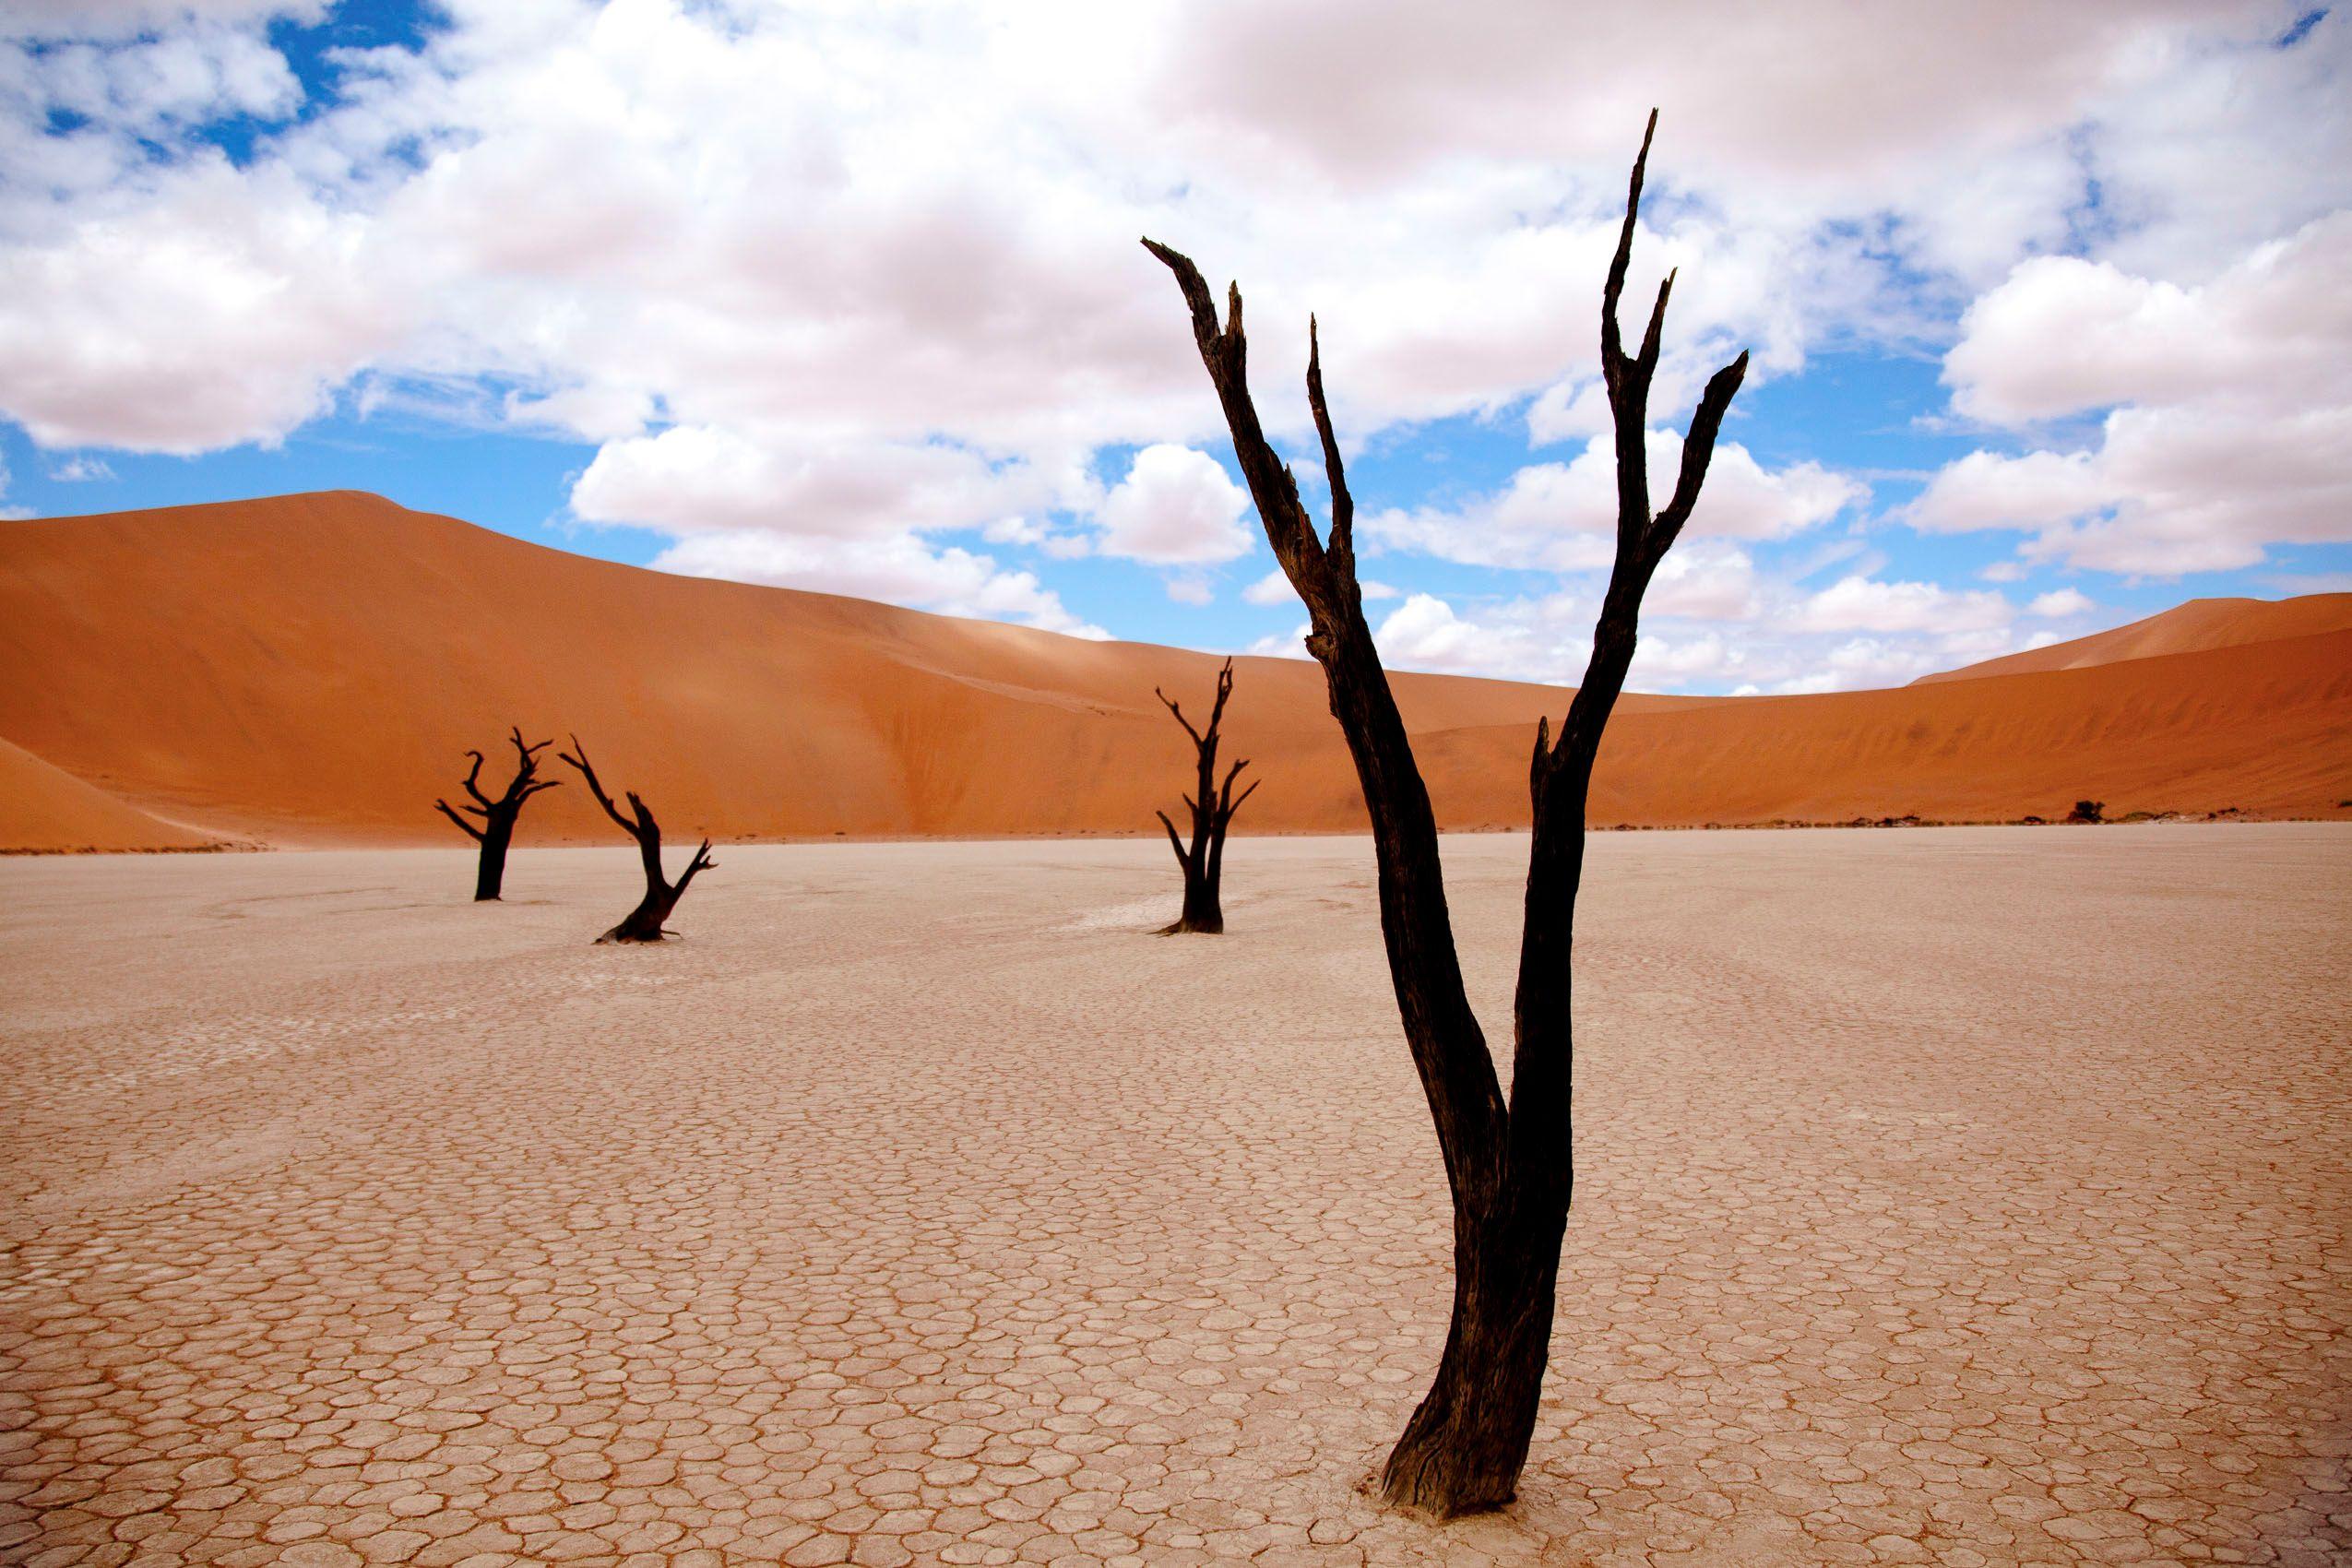 namibai_deadvlei_sossusvlei_trees.jpg